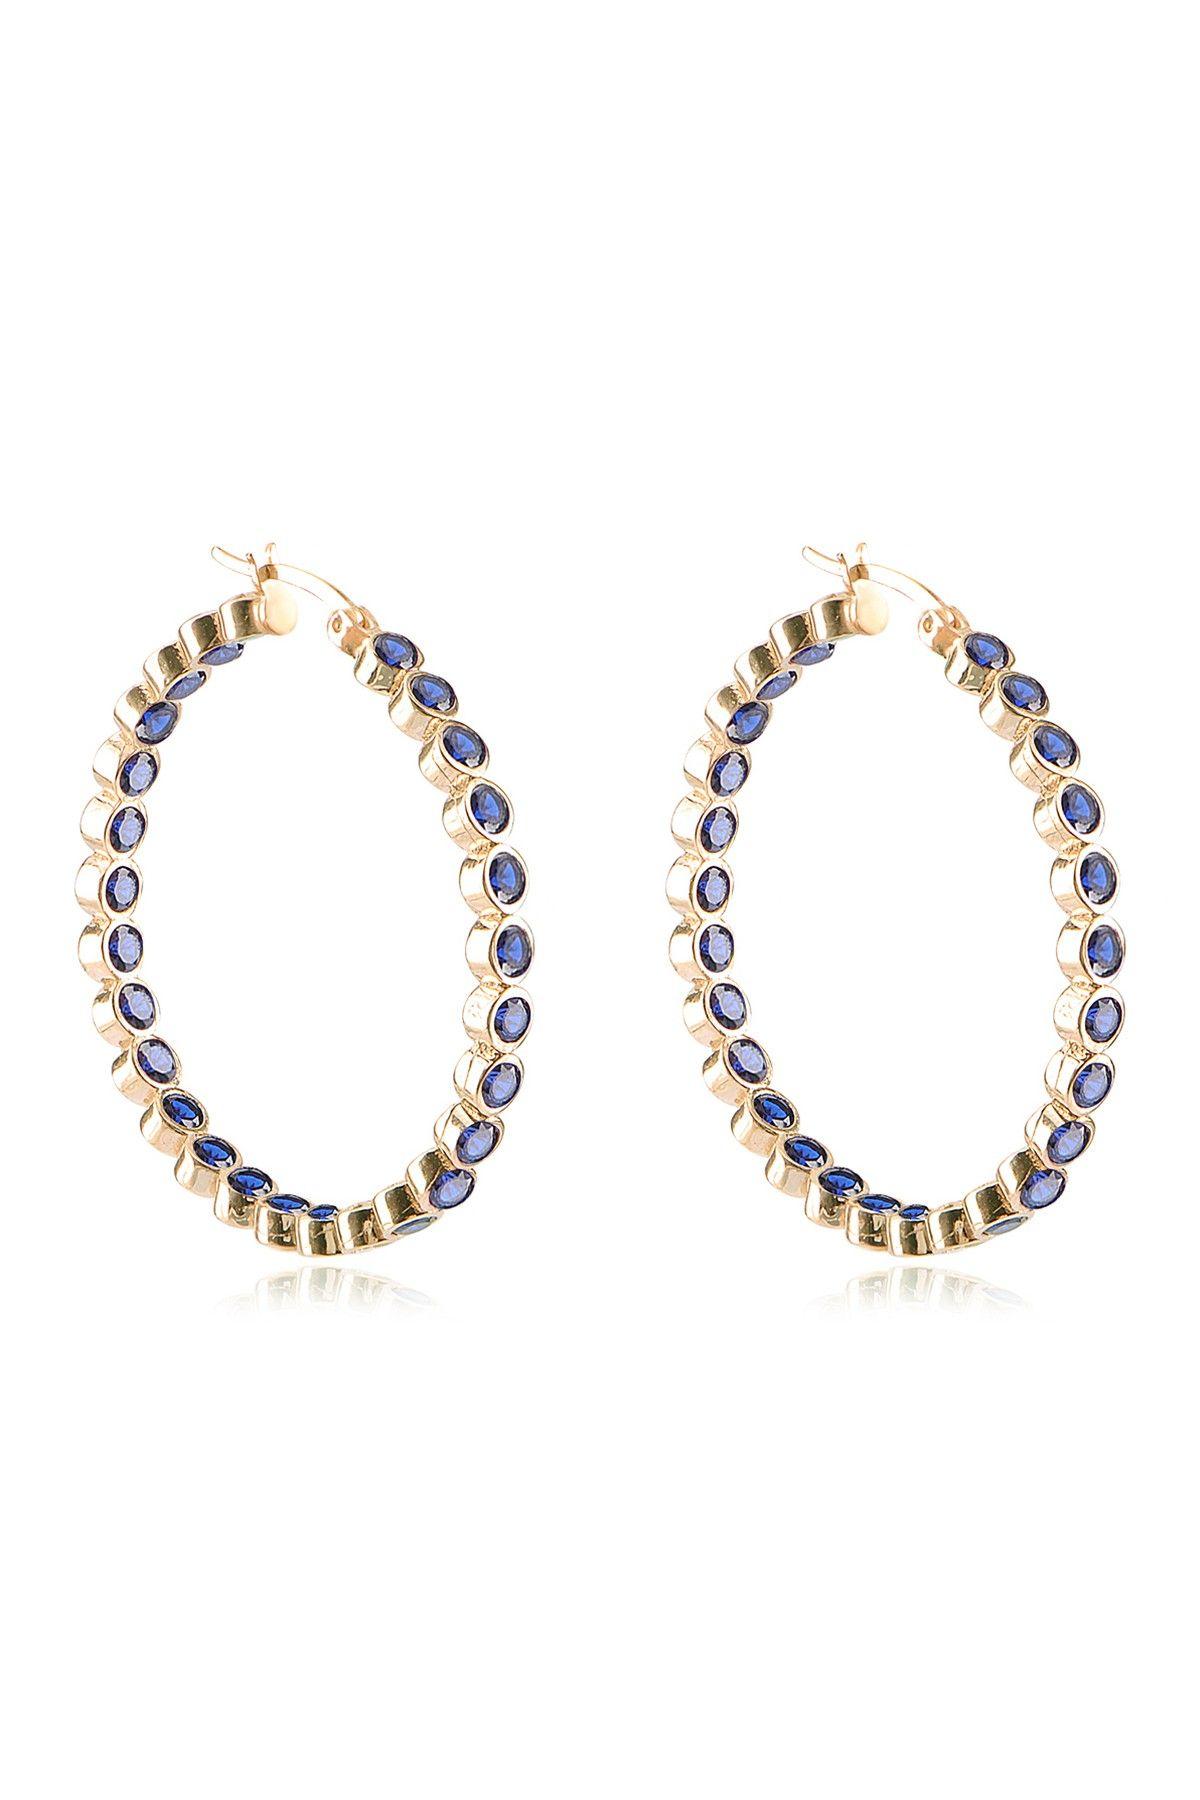 Gab Cos Designs Gold Vermeil Blue Sapphire Hoop Earrings | Fashion ...